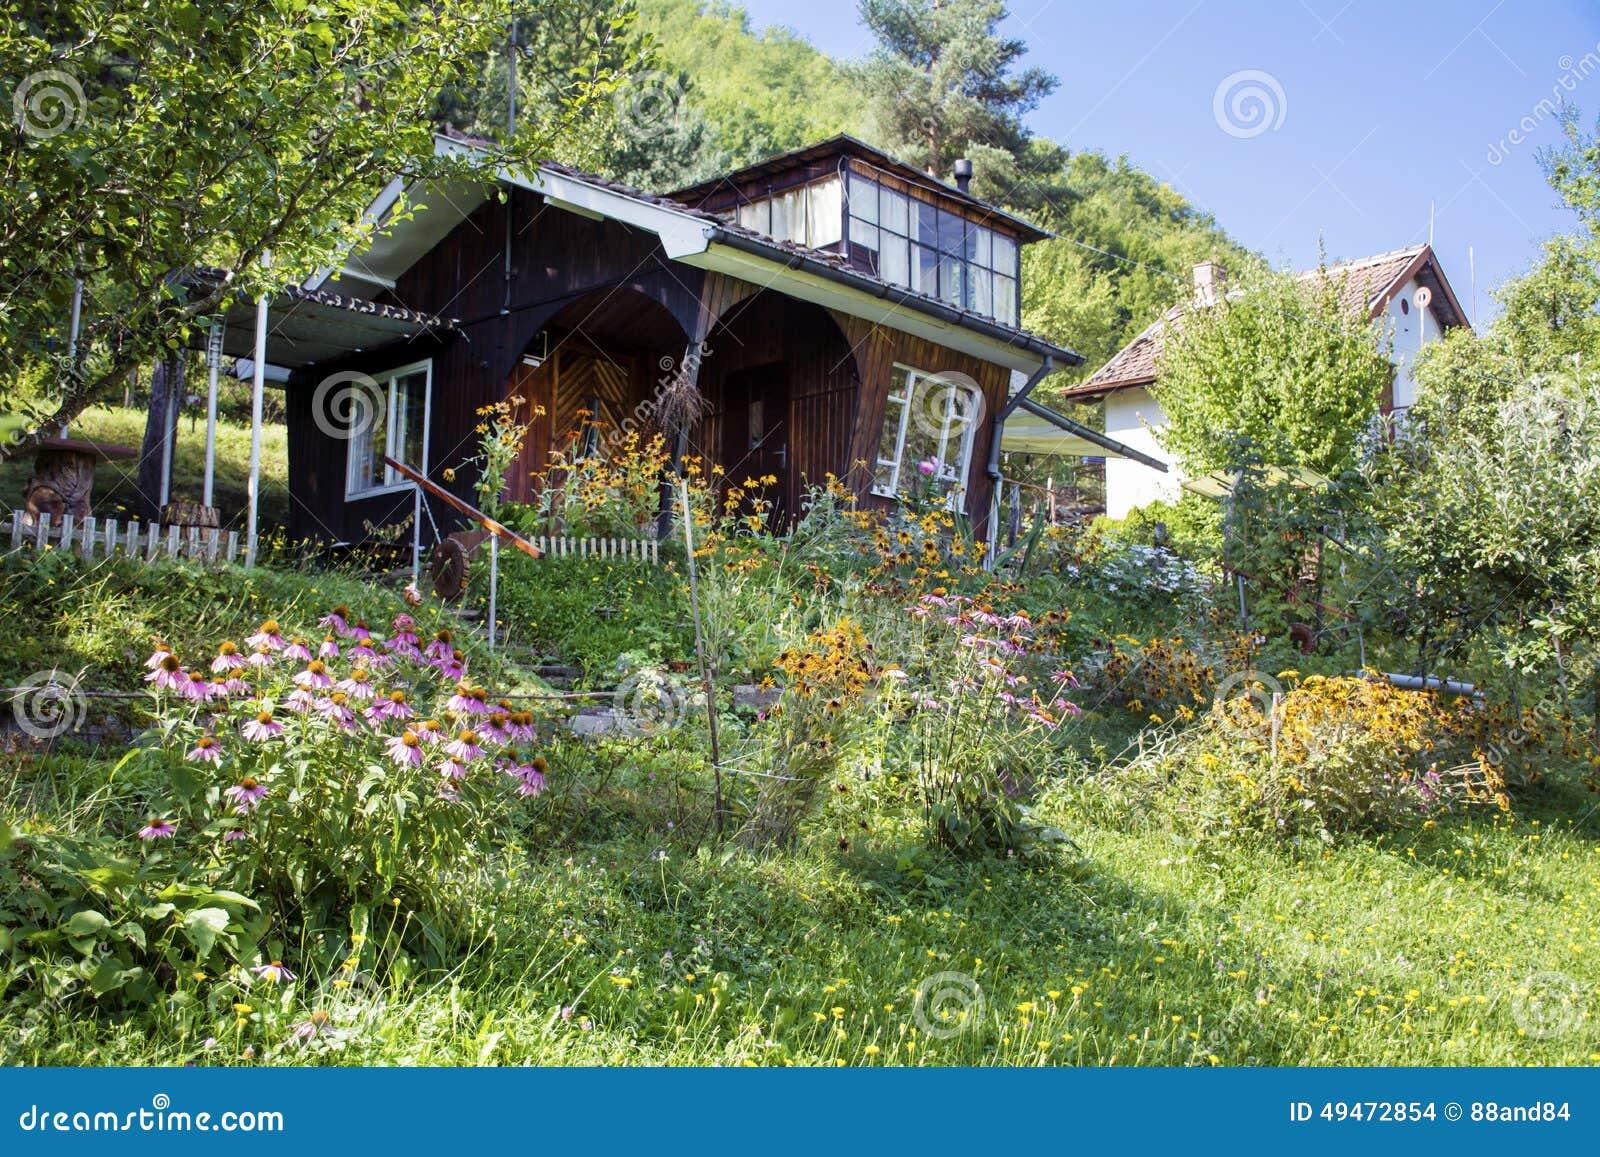 fotos de jardim grande:Casa De Madeira Marrom Bonita Com O Jardim Verde Grande Foto de Stock